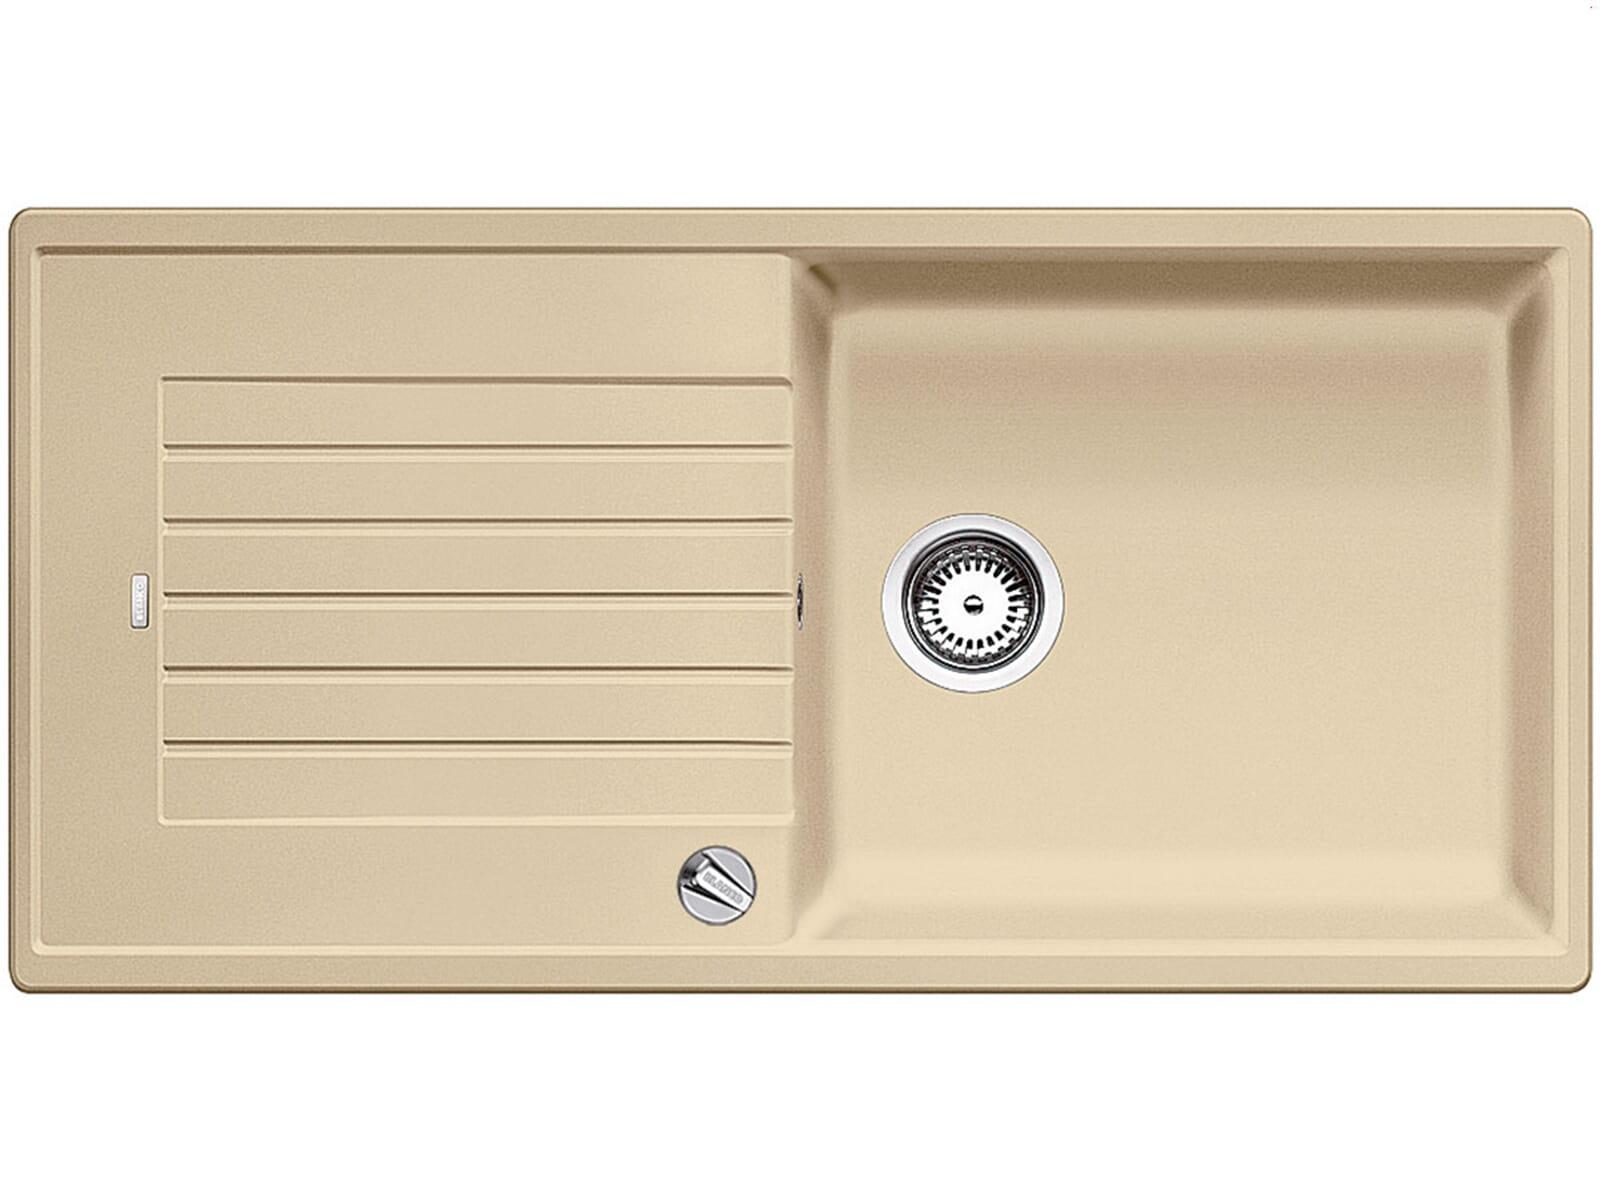 blanco zia xl 6 s champagner granit sp le f r 338 90 eur. Black Bedroom Furniture Sets. Home Design Ideas